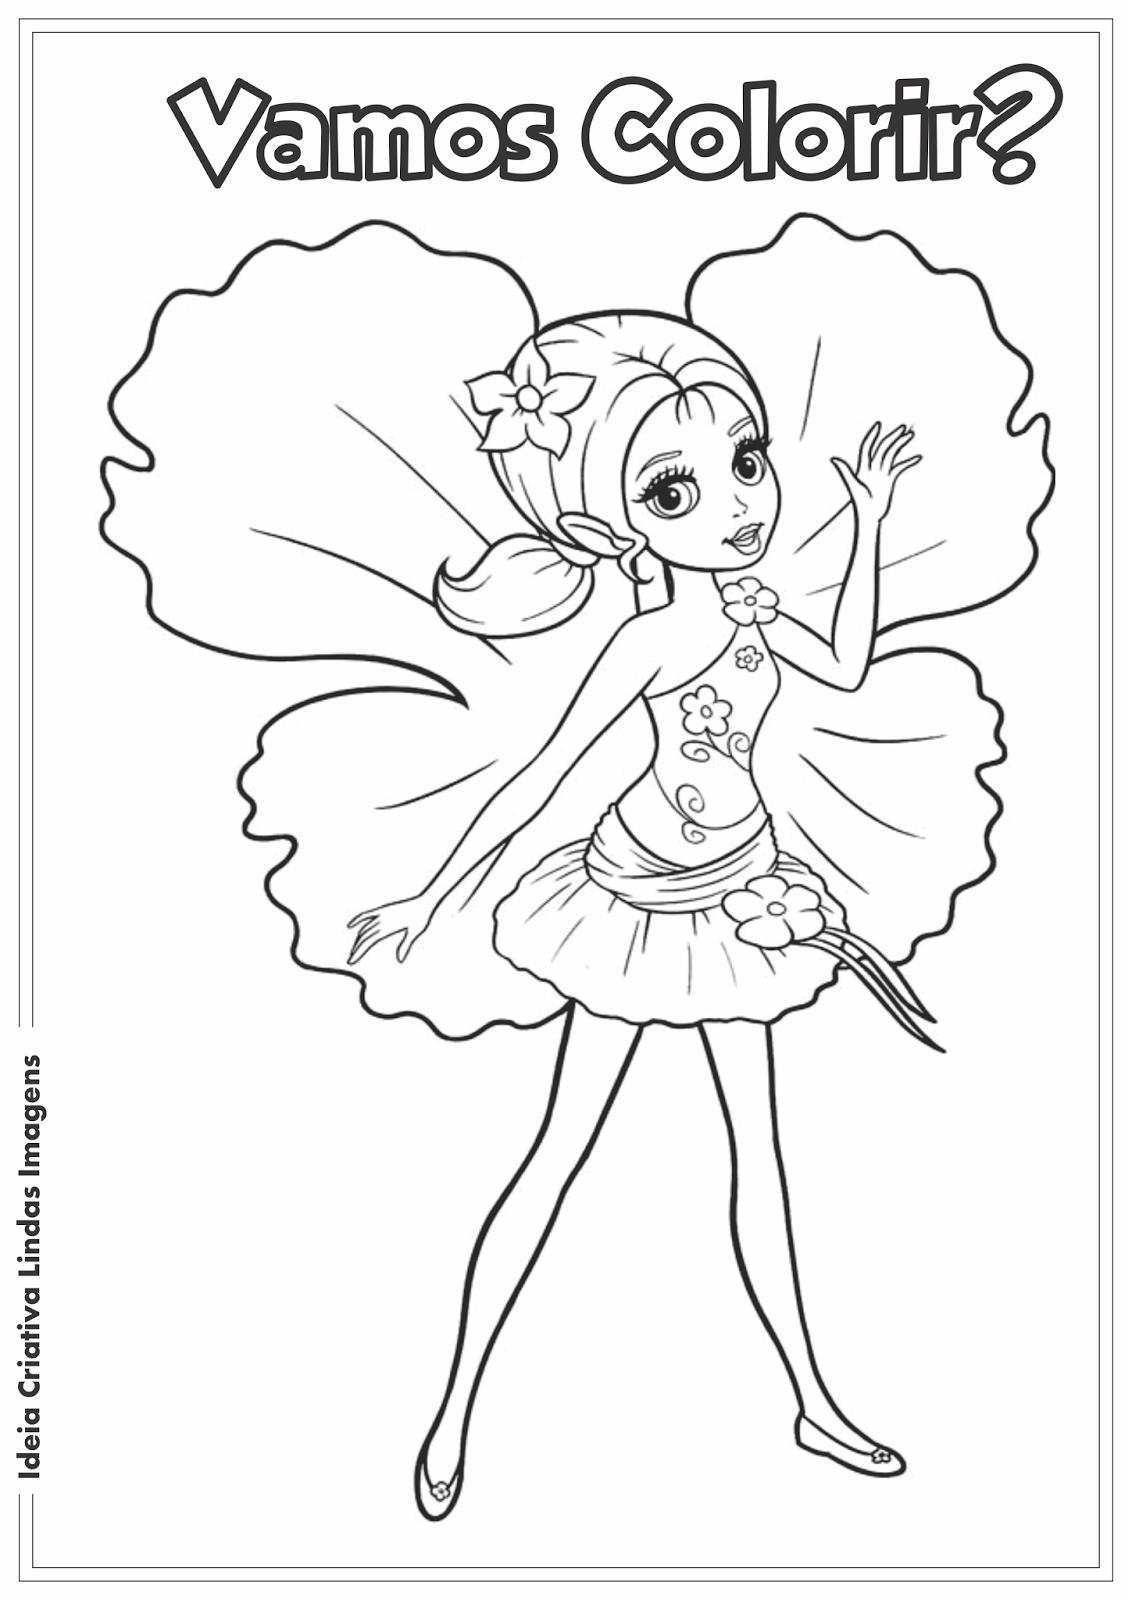 Ideia Criativa Lindas Imagens: Barbie Thumbelina desenho para ...